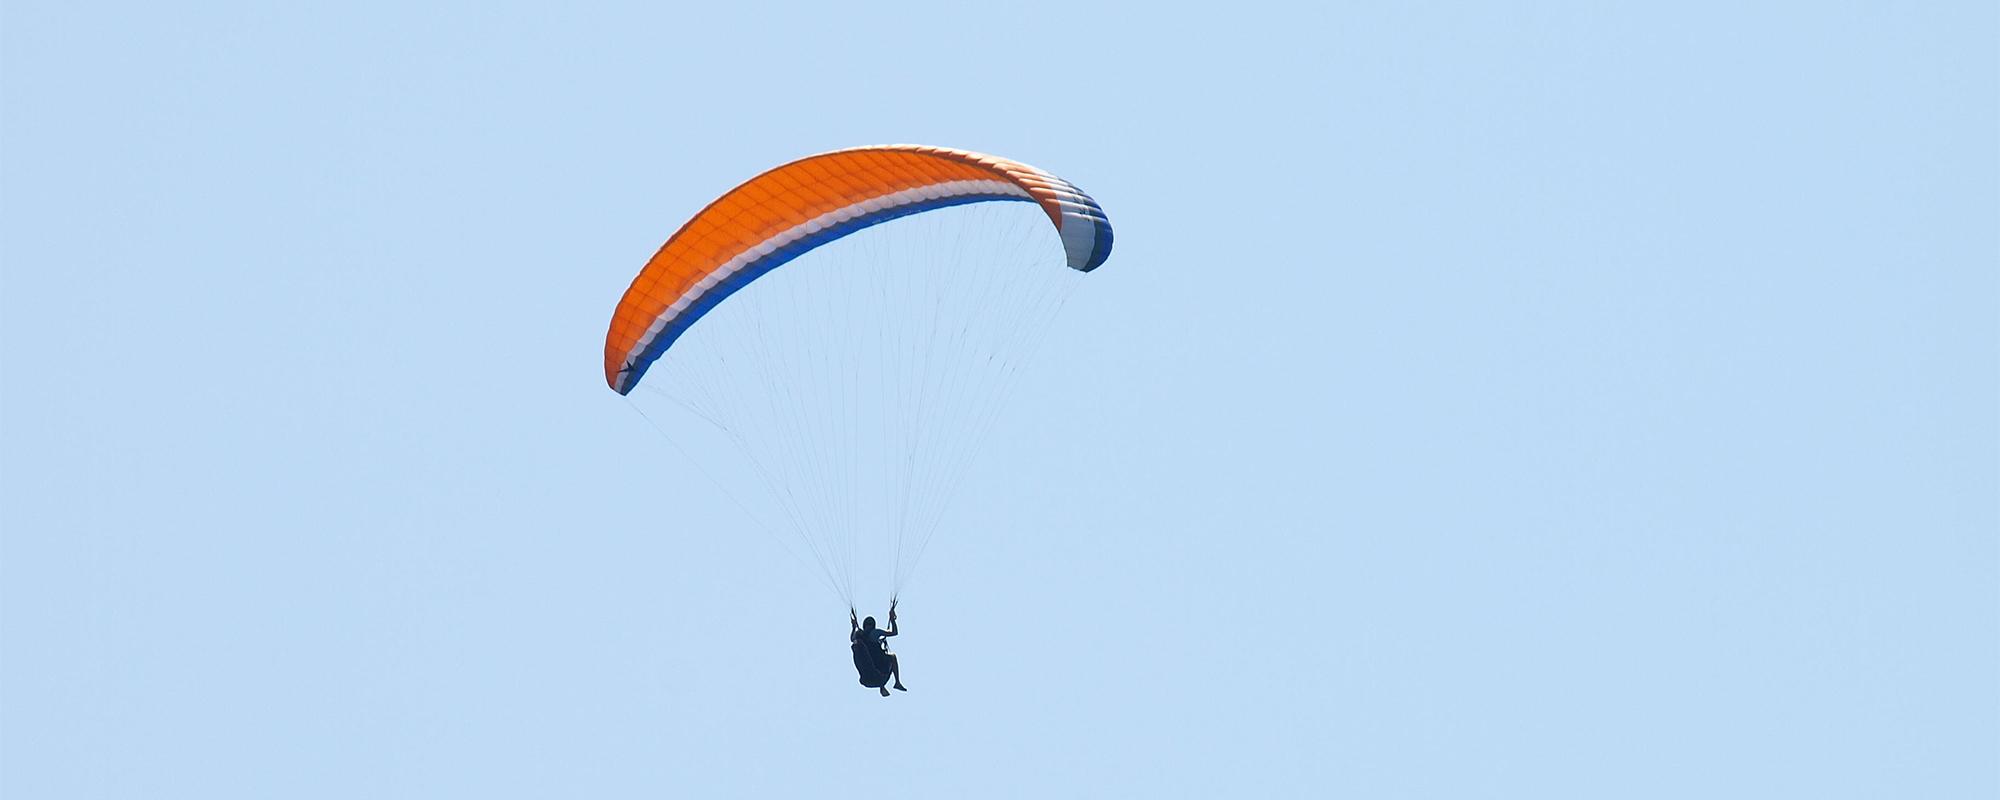 Hai paura di <span>volare</span>?